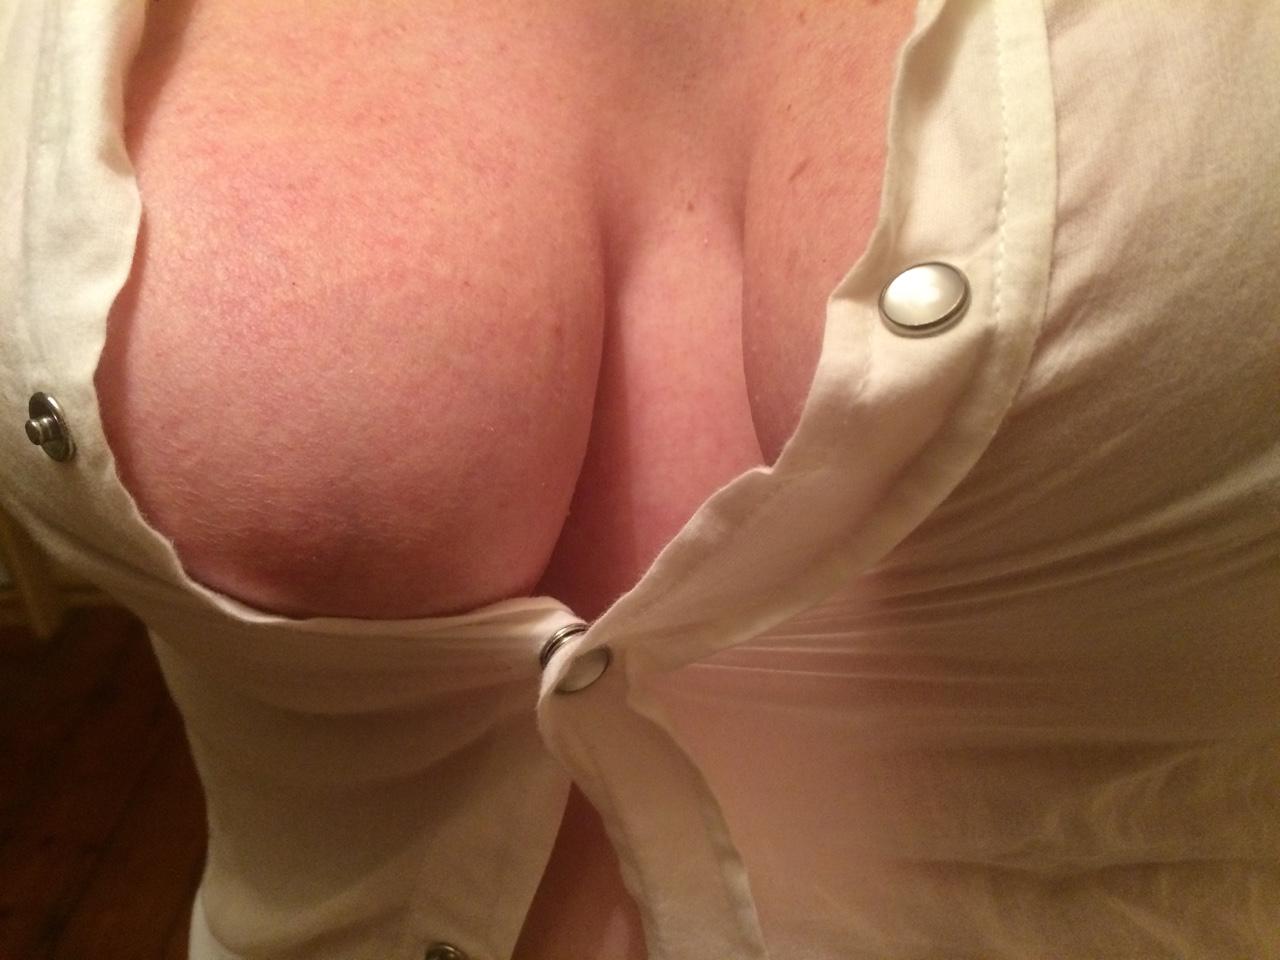 【ハミ乳エロ画像】あと少しが叶わない…乳首が見たいのに見えない寸止めおっぱい(;・∀・)